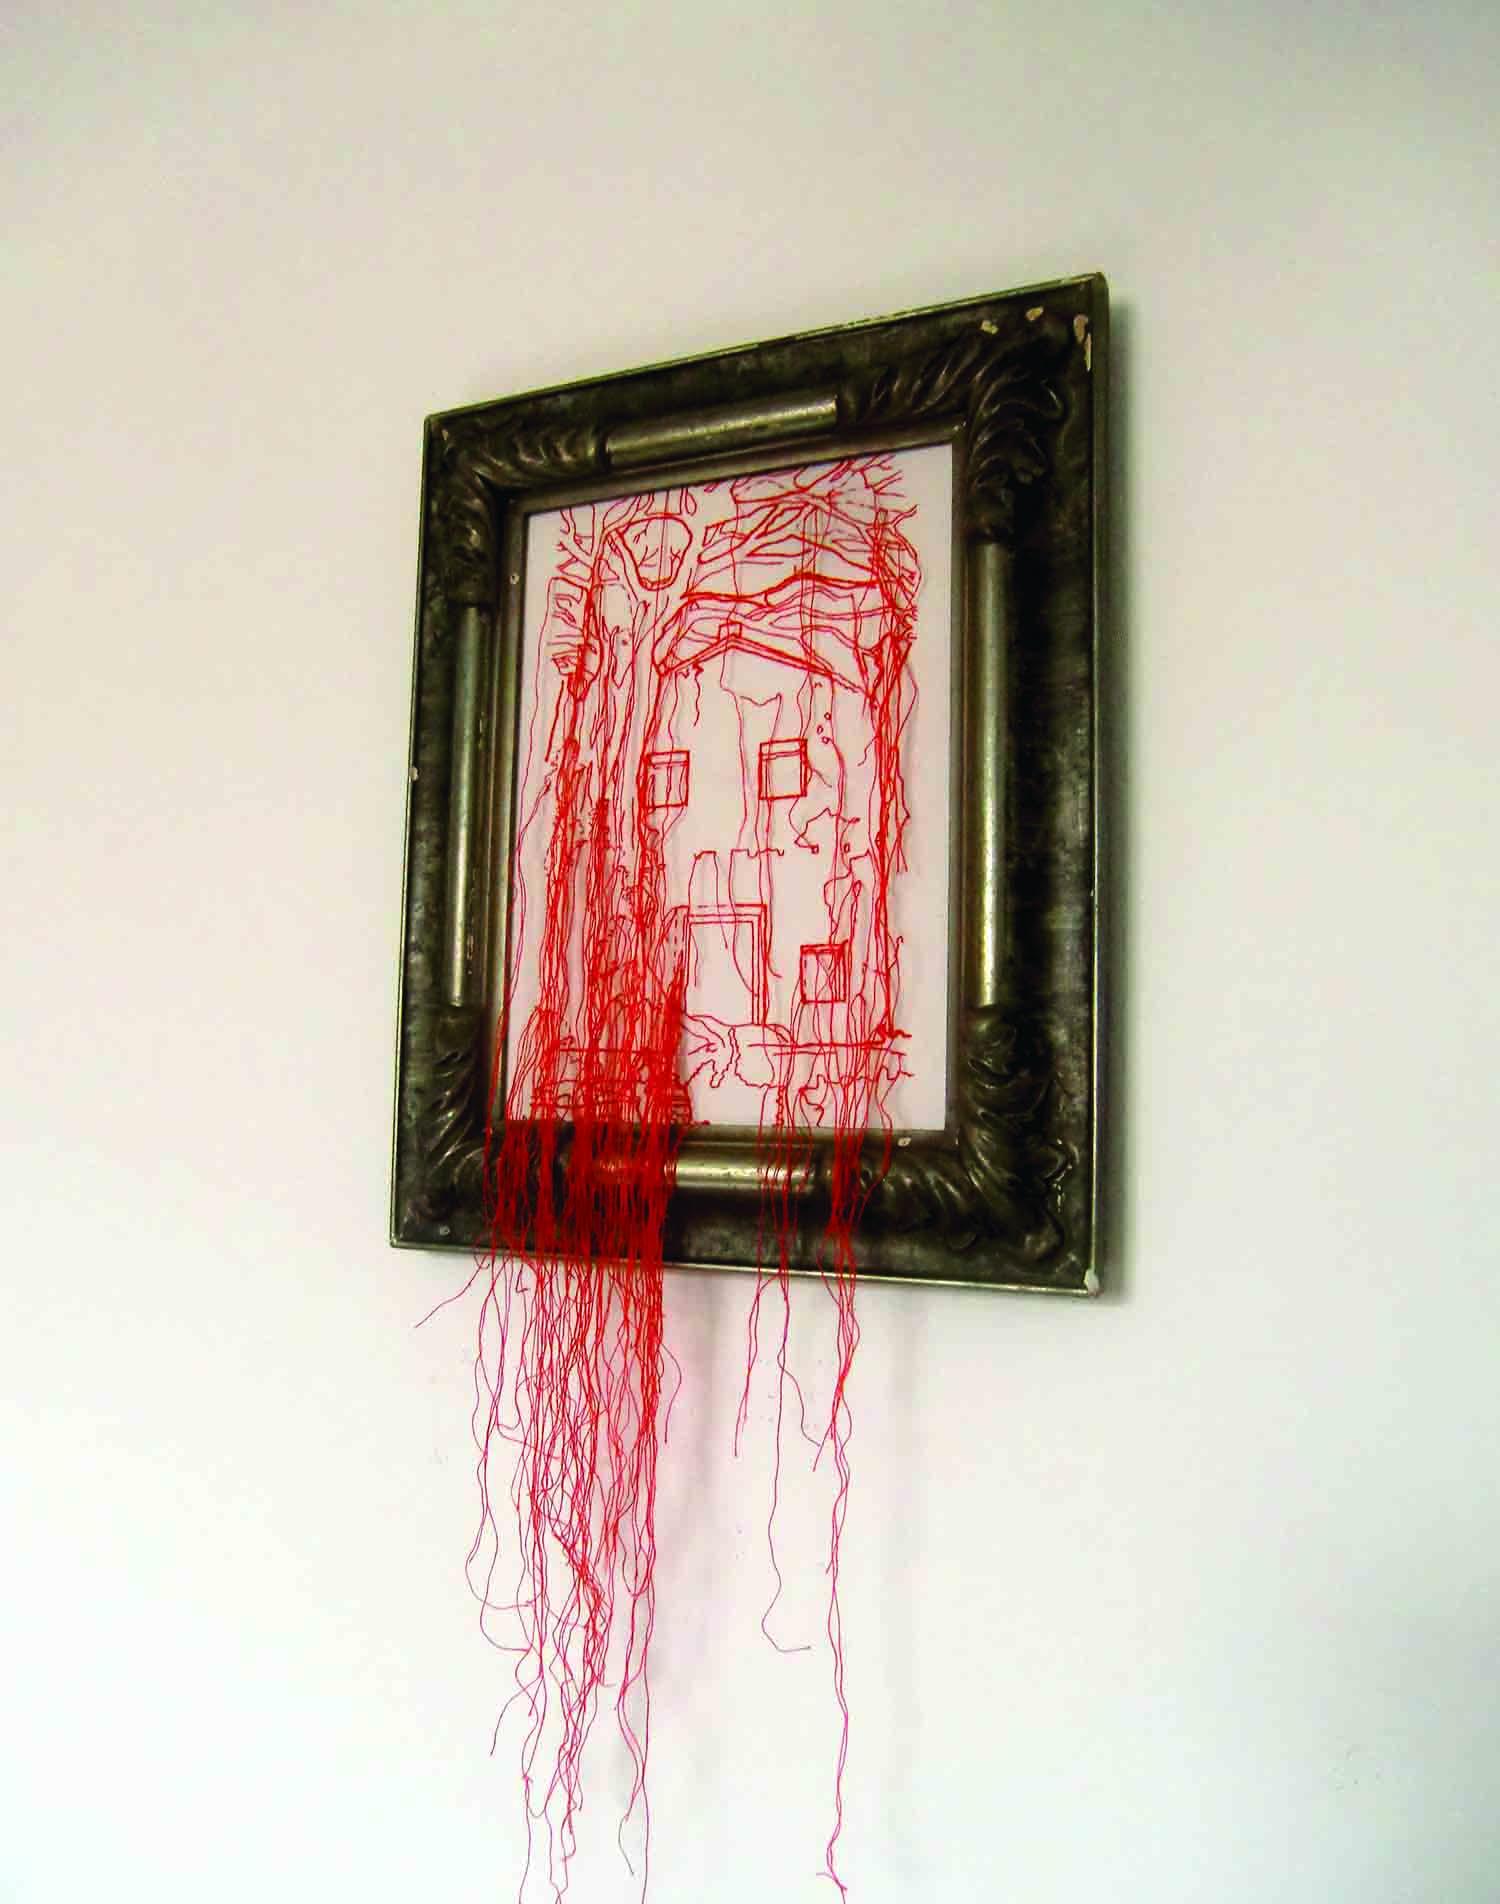 Artista visual, Cristina Carvalho expõe 'Escombros existenciais' em Galeria do Espaço Cultural